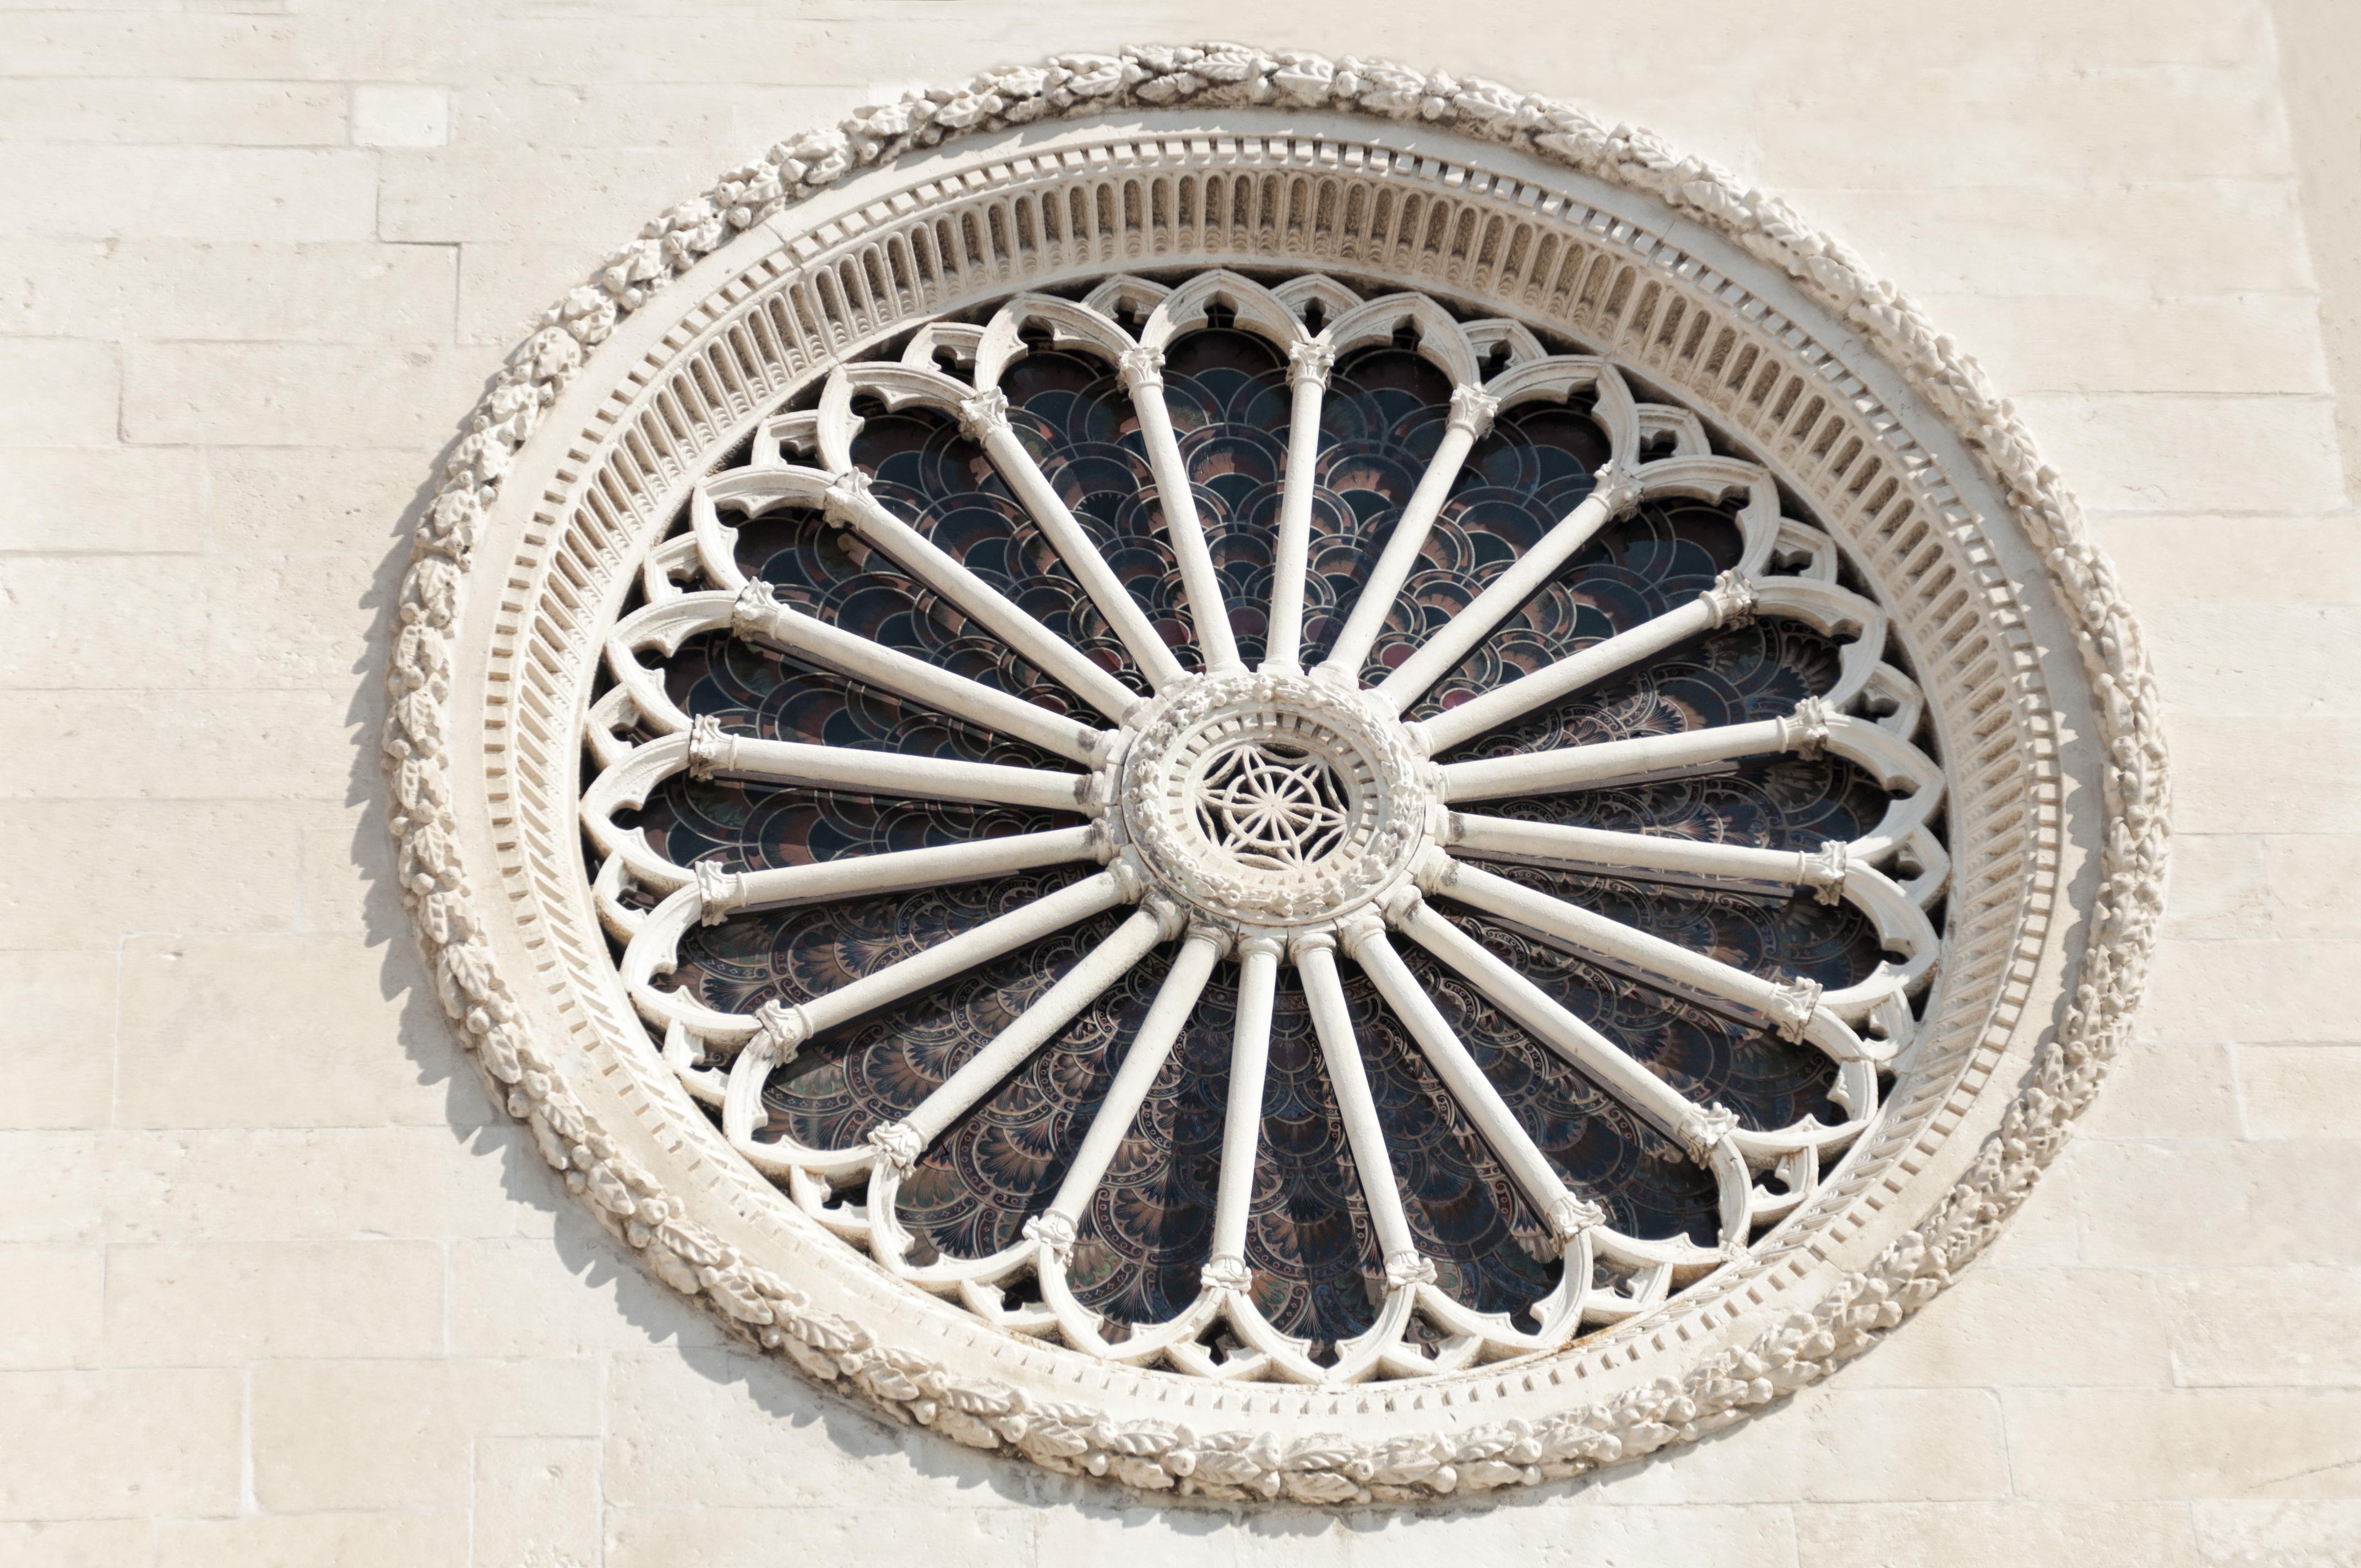 Descubre por qué los habitantes de Sibeik presumen de su catedral de San Jacobo - Croacia Circuito Lo Mejor de Croacia y Bosnia